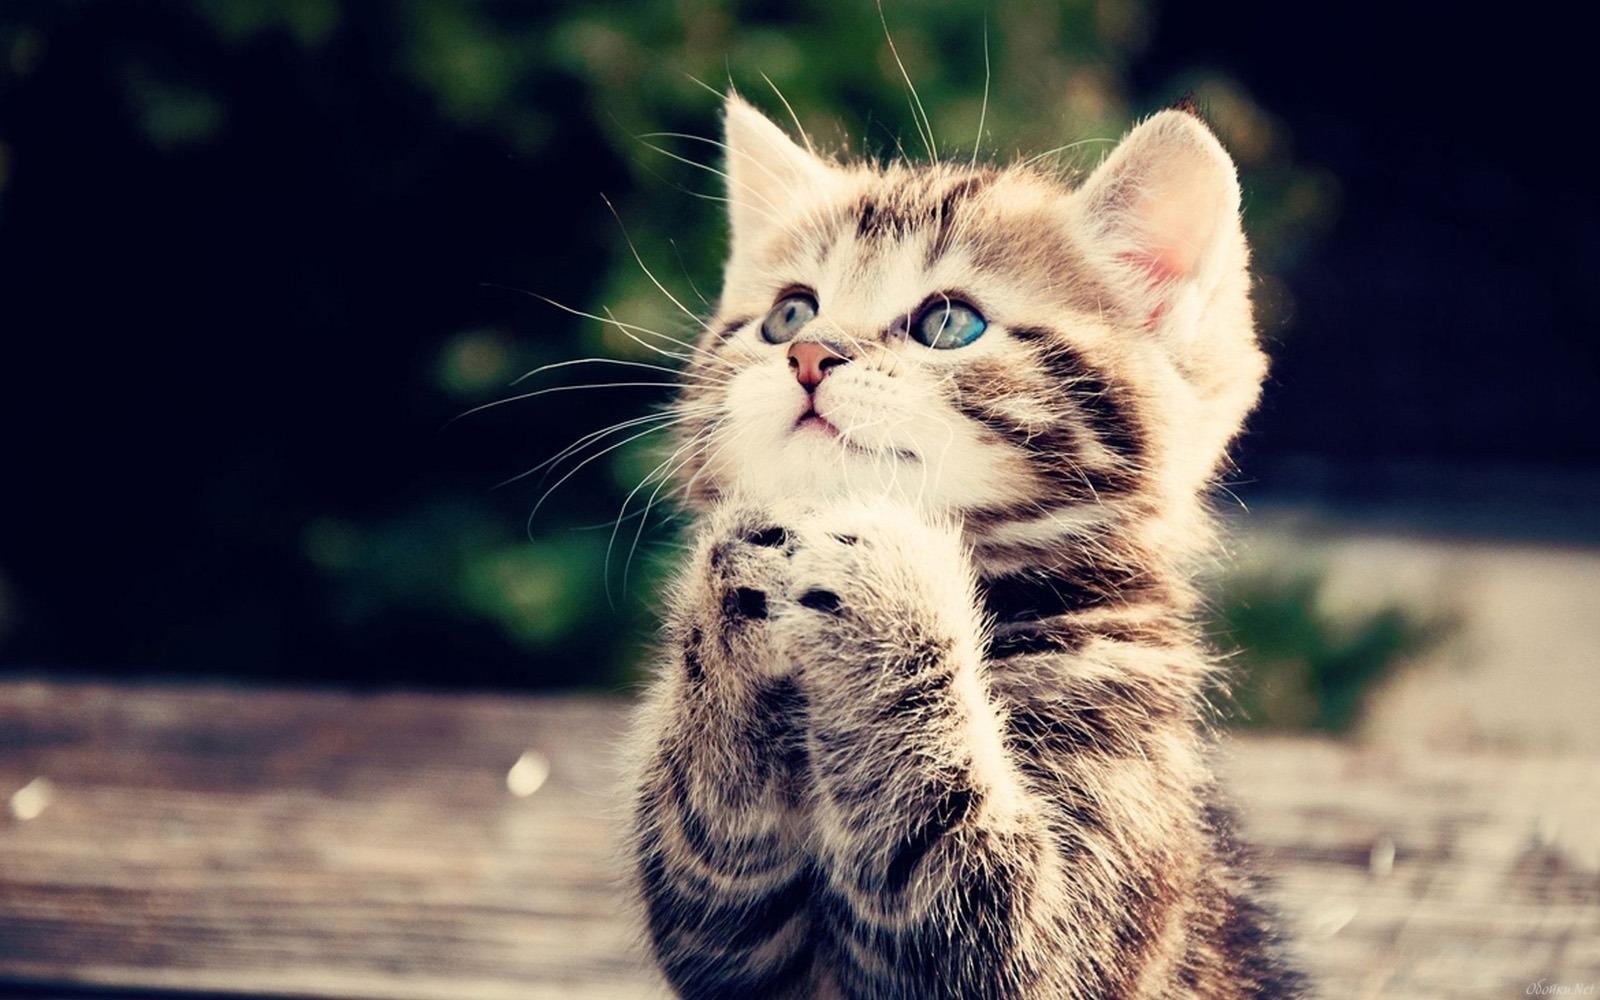 cute-cat-cats-hd-wallpaper